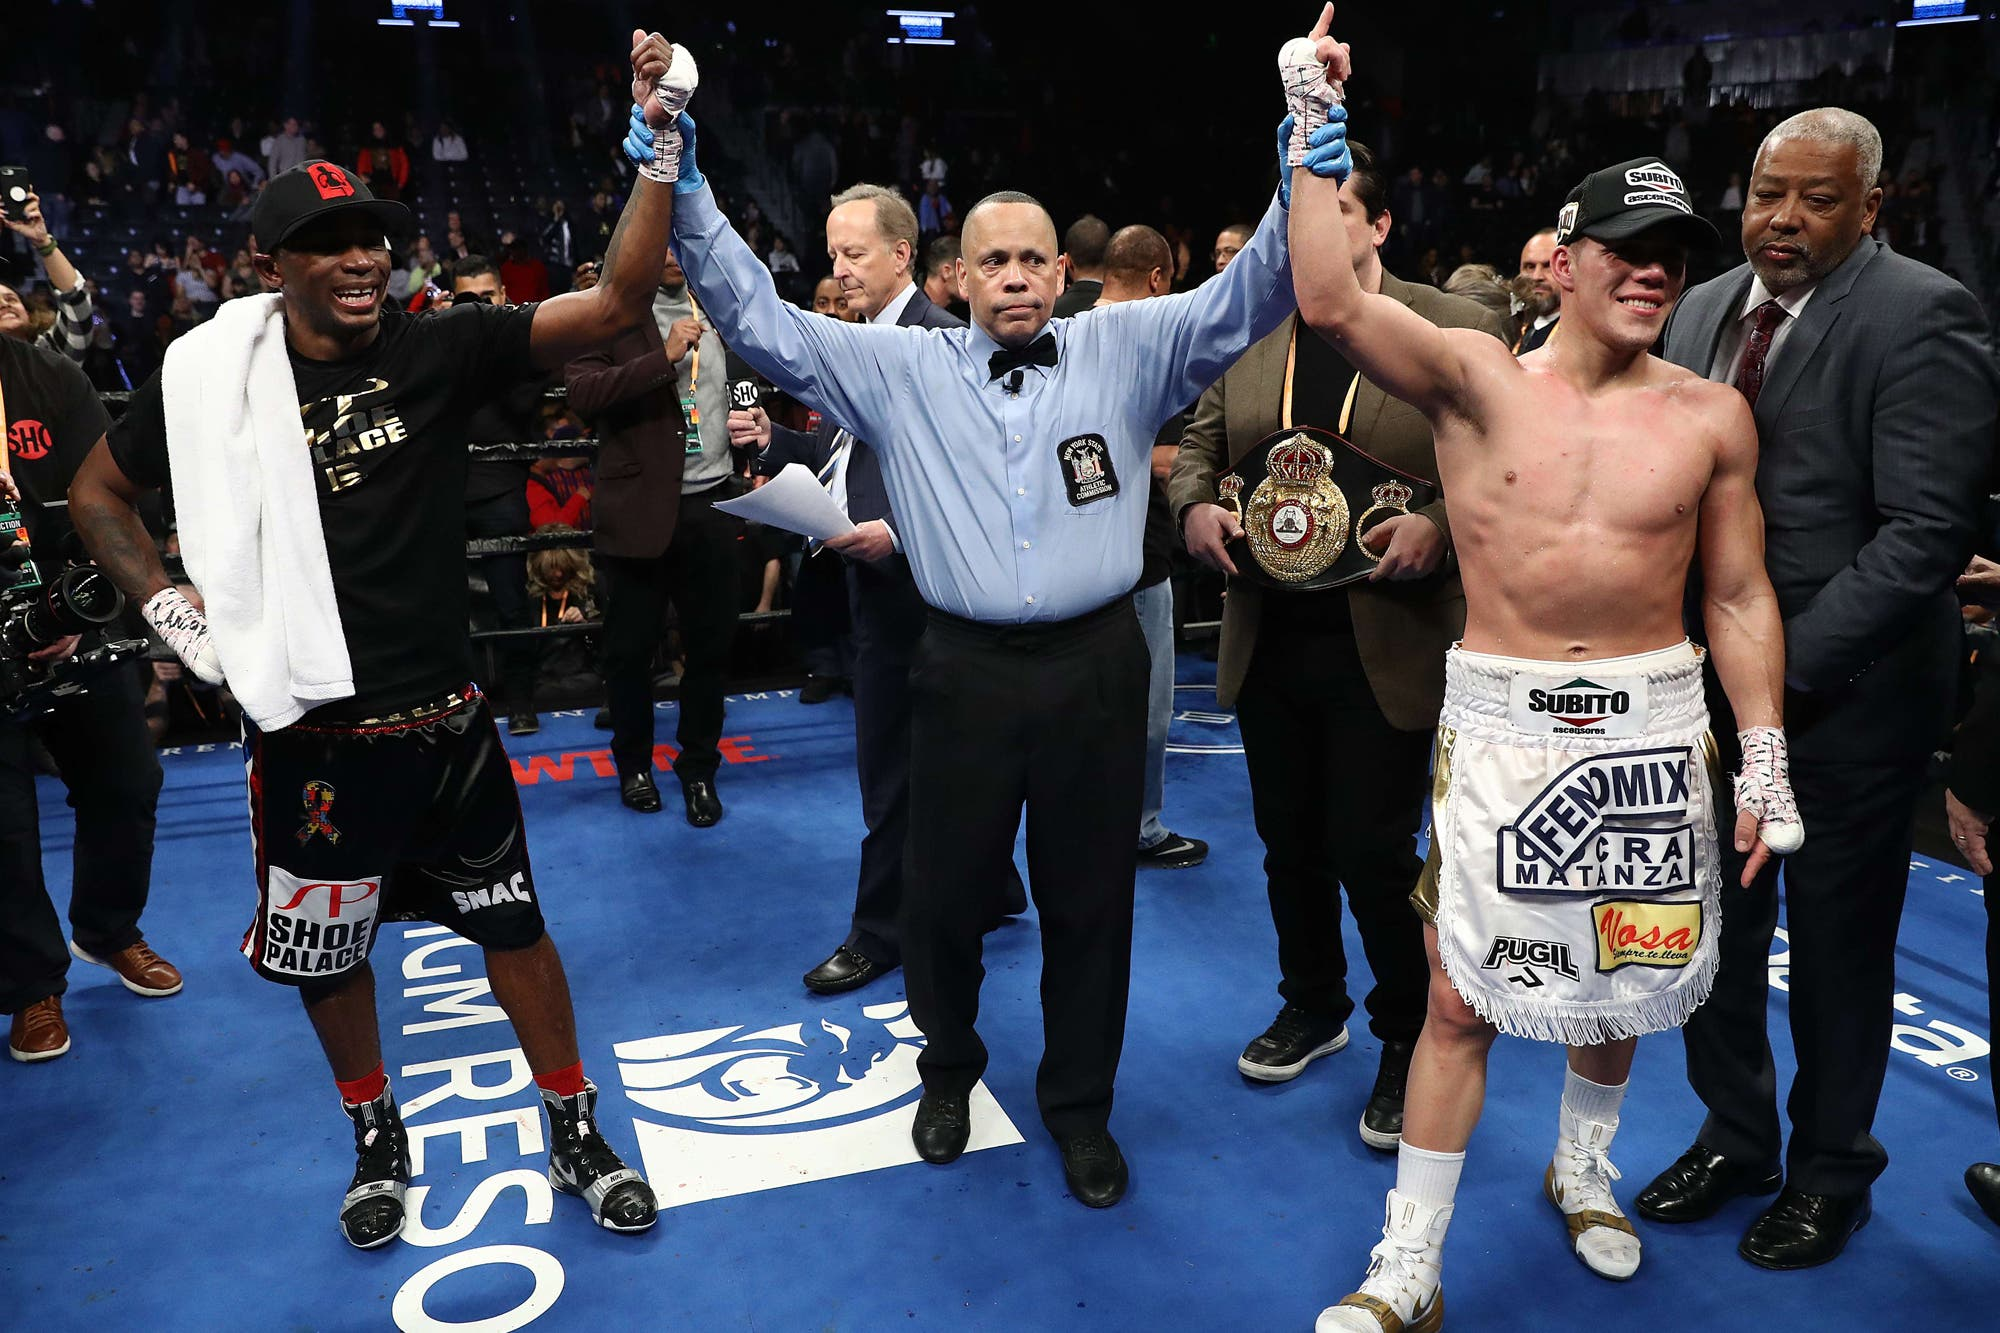 En un empate controversial, el argentino Brian Castaño retuvo su título mundial